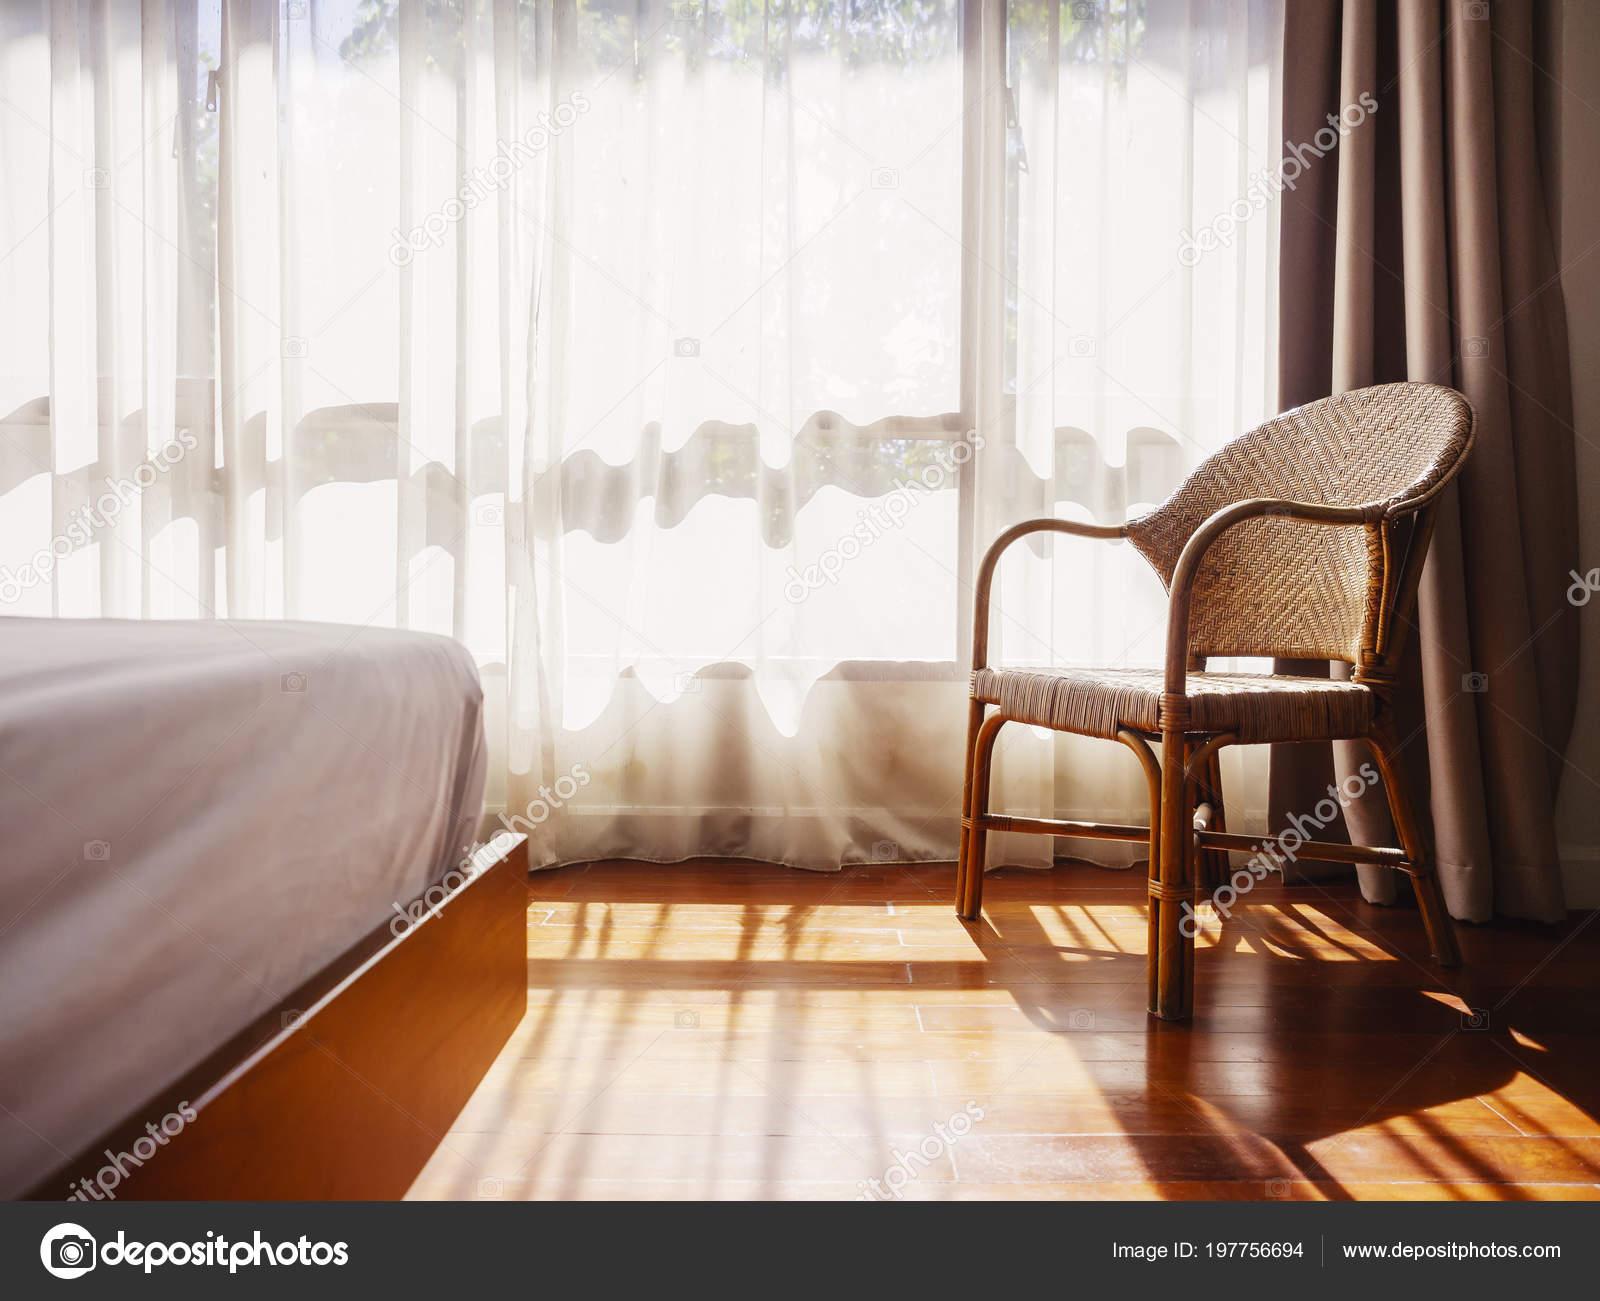 Rattan Sandalye Yatak Beyaz Perde Sabah Hafif Dekorasyonu Ile Oda